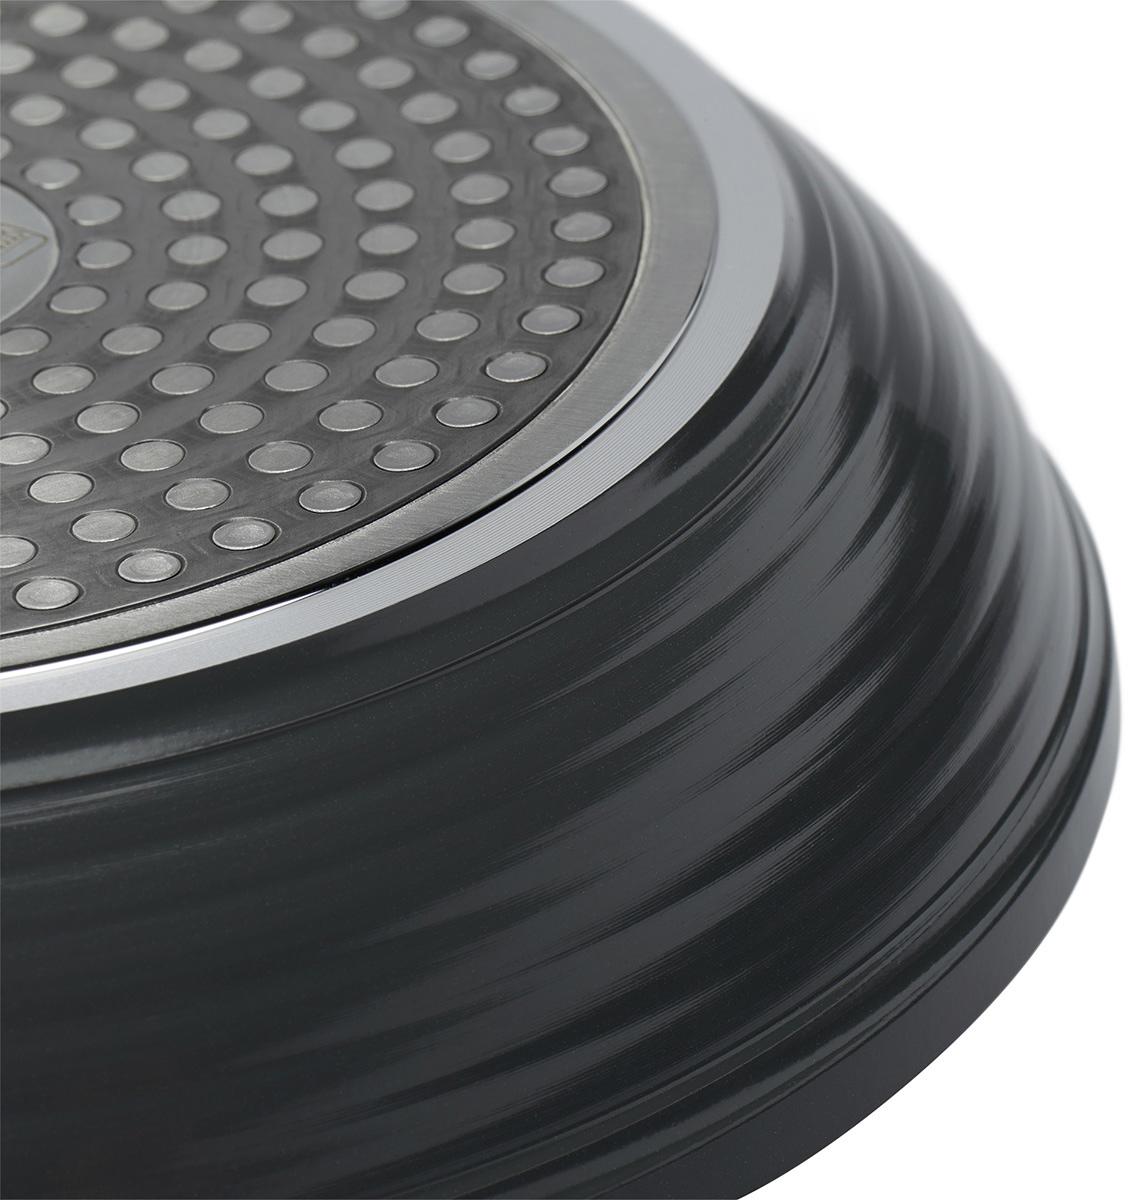 """Сковорода Polaris """"Canto"""" изготовлена из штампованного алюминия с износостойким антипригарным покрытием """"Pfluon"""". Такое покрытие предотвращает пригорание пищи и ее прилипание к стенкам. Оно абсолютно безопасно для здоровья и не выделяет вредных веществ во время готовки.  Сковорода оснащена эргономичной ручкой с покрытием """"soft-touch"""", которая не нагревается в процессе приготовления пищи и не дает вашим рукам обжечься. Посуда подходит для всех плит, кроме галогеновых. Не рекомендуется мыть в посудомоечной машине."""